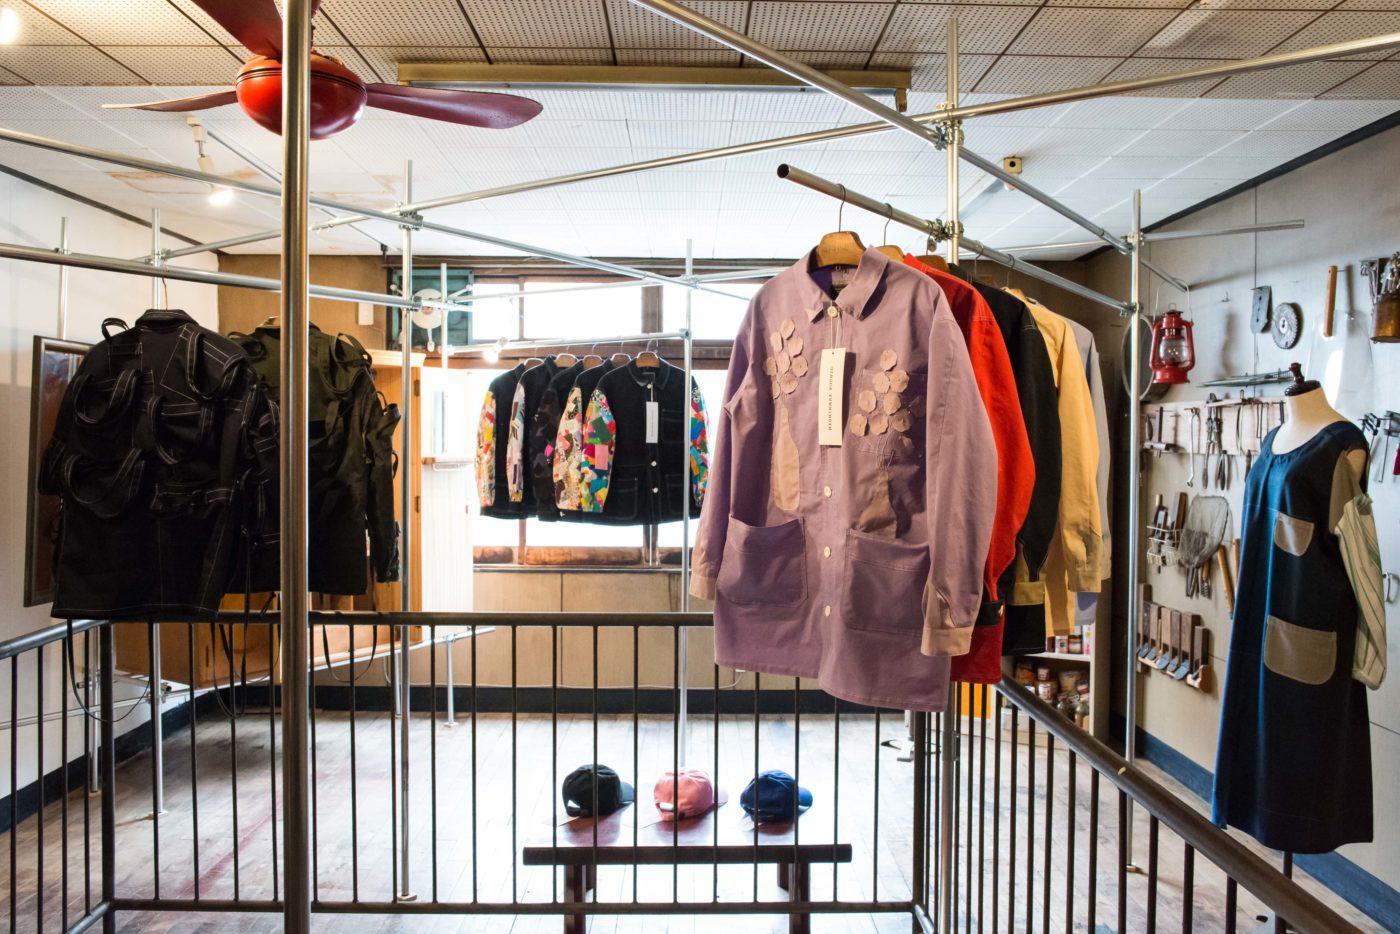 美術家・西尾美也による西成発のファッションブランド「NISHINARI YOSHIO」の新コレクション受注会